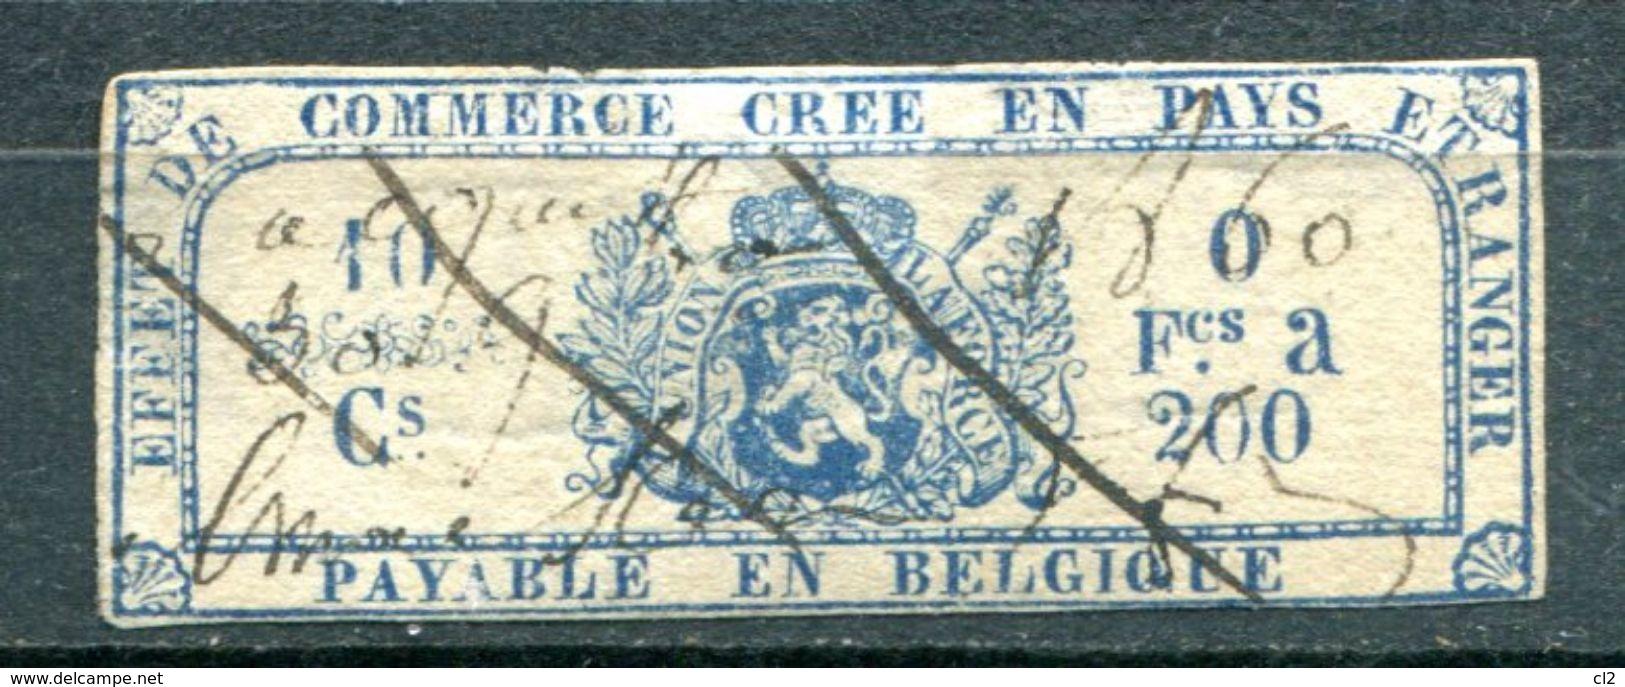 BELGIQUE - Fiscaux - Effet De Commerce Annulé En 1860 - Stamps